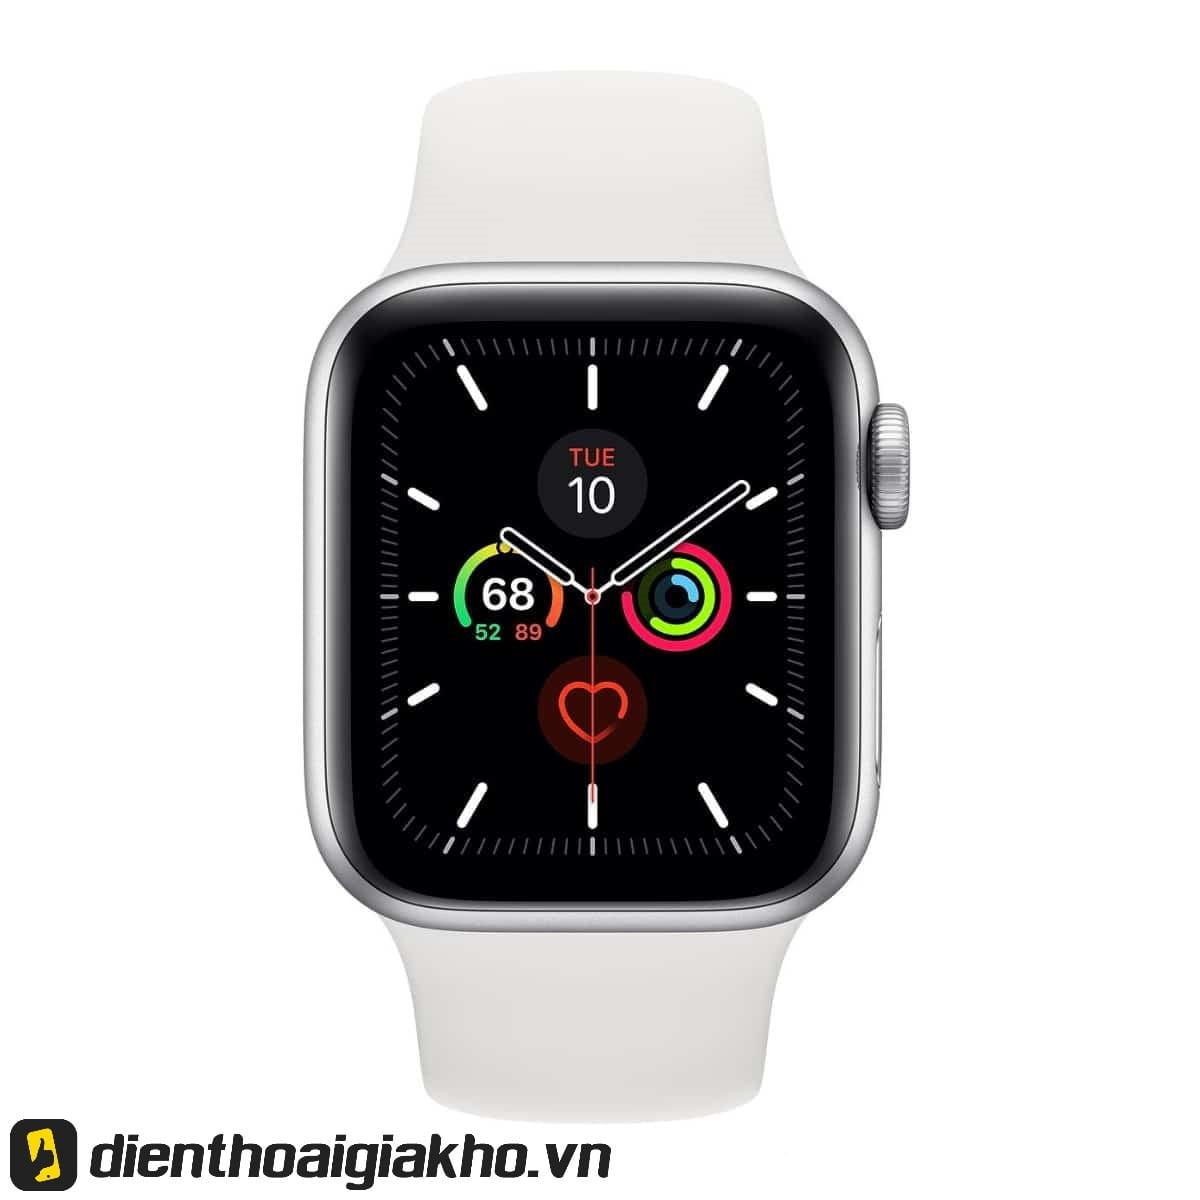 Apple Watch Series 5 44mm GPS Aluminum cũ 99% tại Điện Thoại Giá Kho.